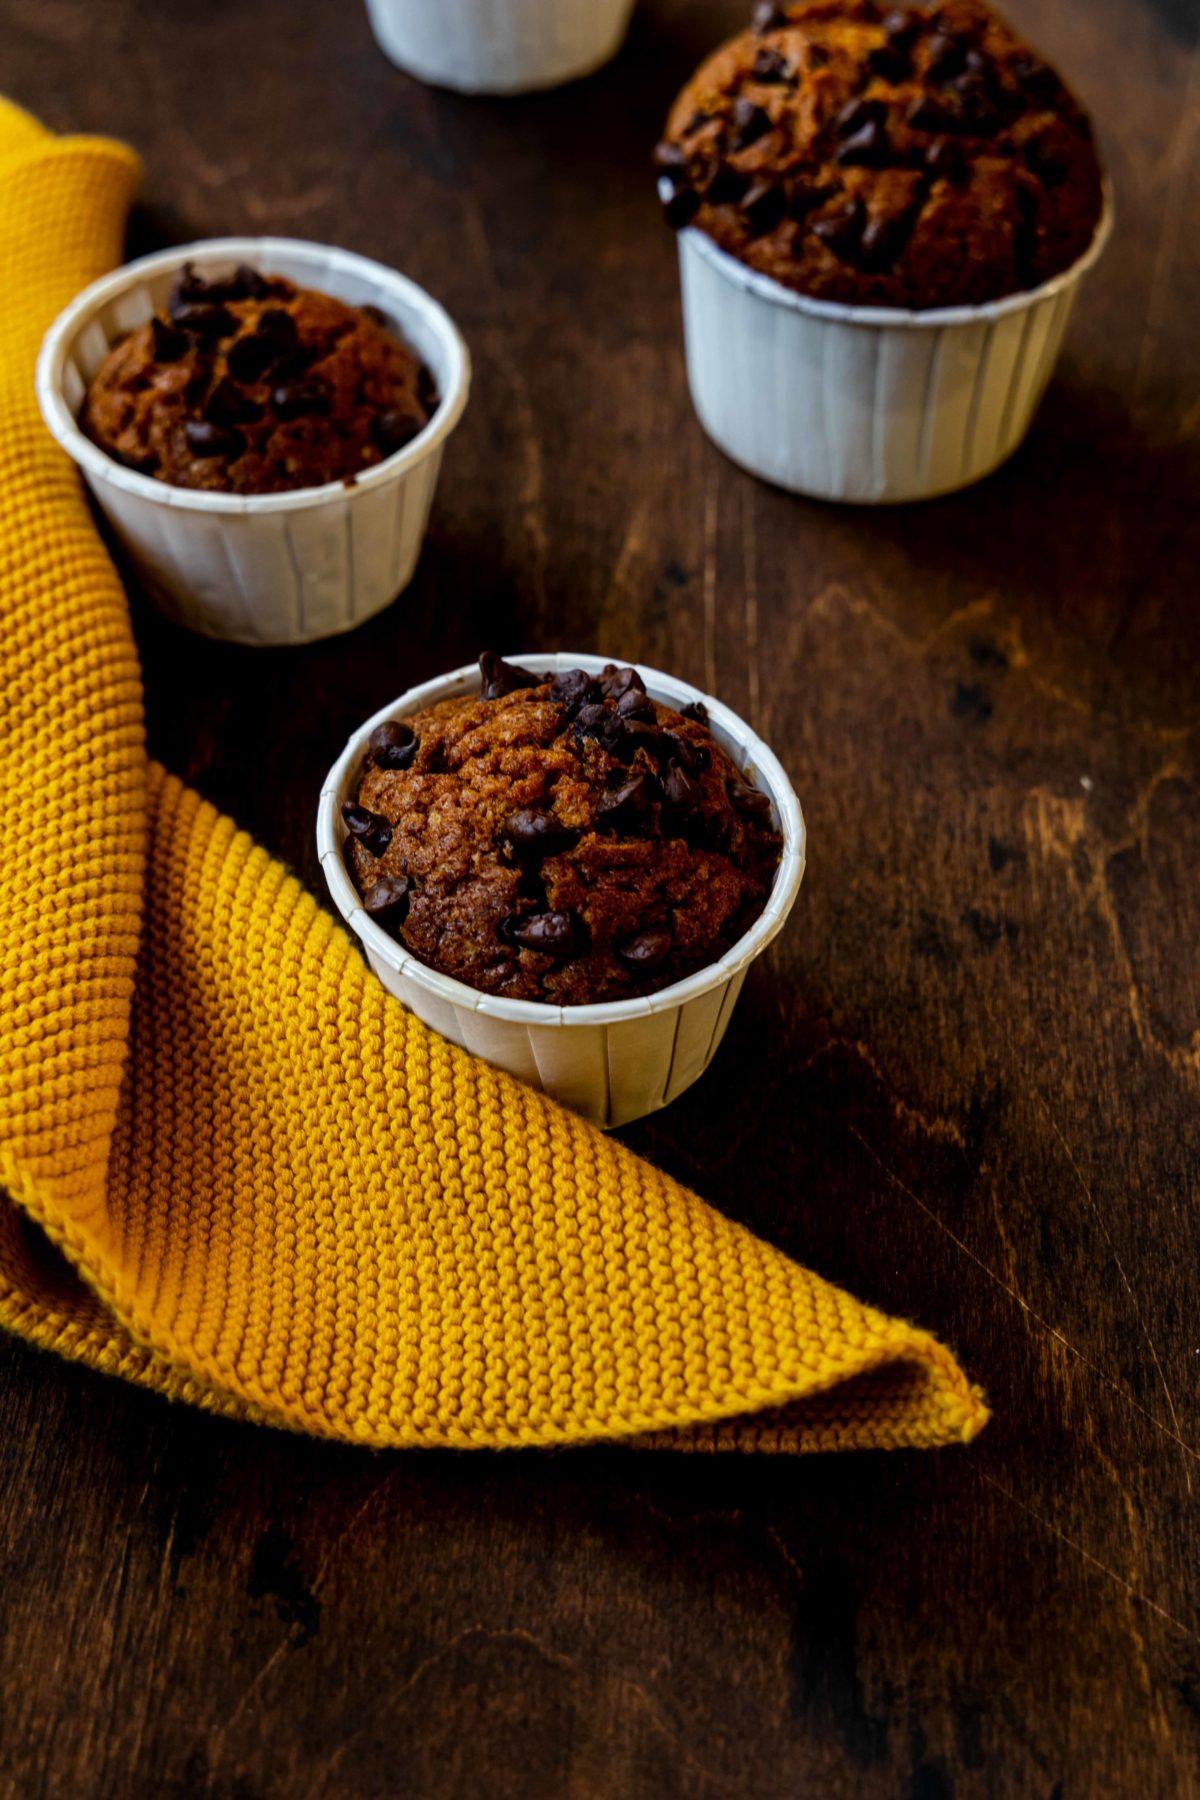 Kürbis-Muffins mit Schokotropfen und Pumpkin Spice // pumpkin muffins with chocolate chips by https://babyrockmyday.com/kuerbis-muffins/